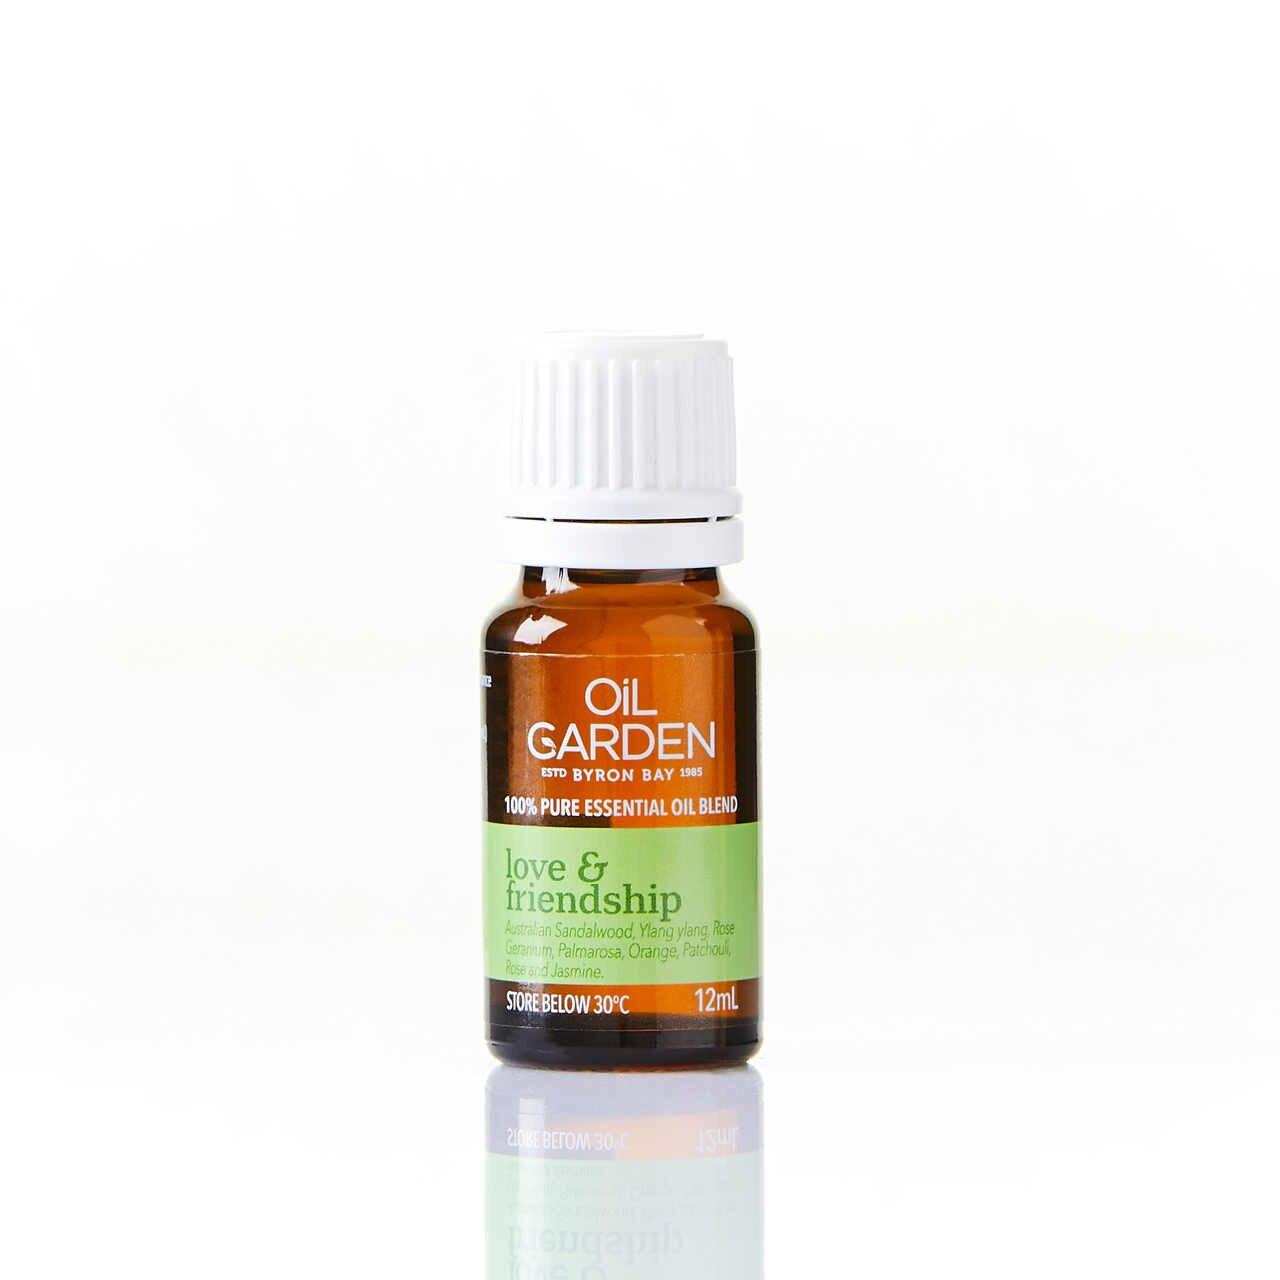 Oil Garden Love & Friendship Essential Oil Blend 12mL 6620000